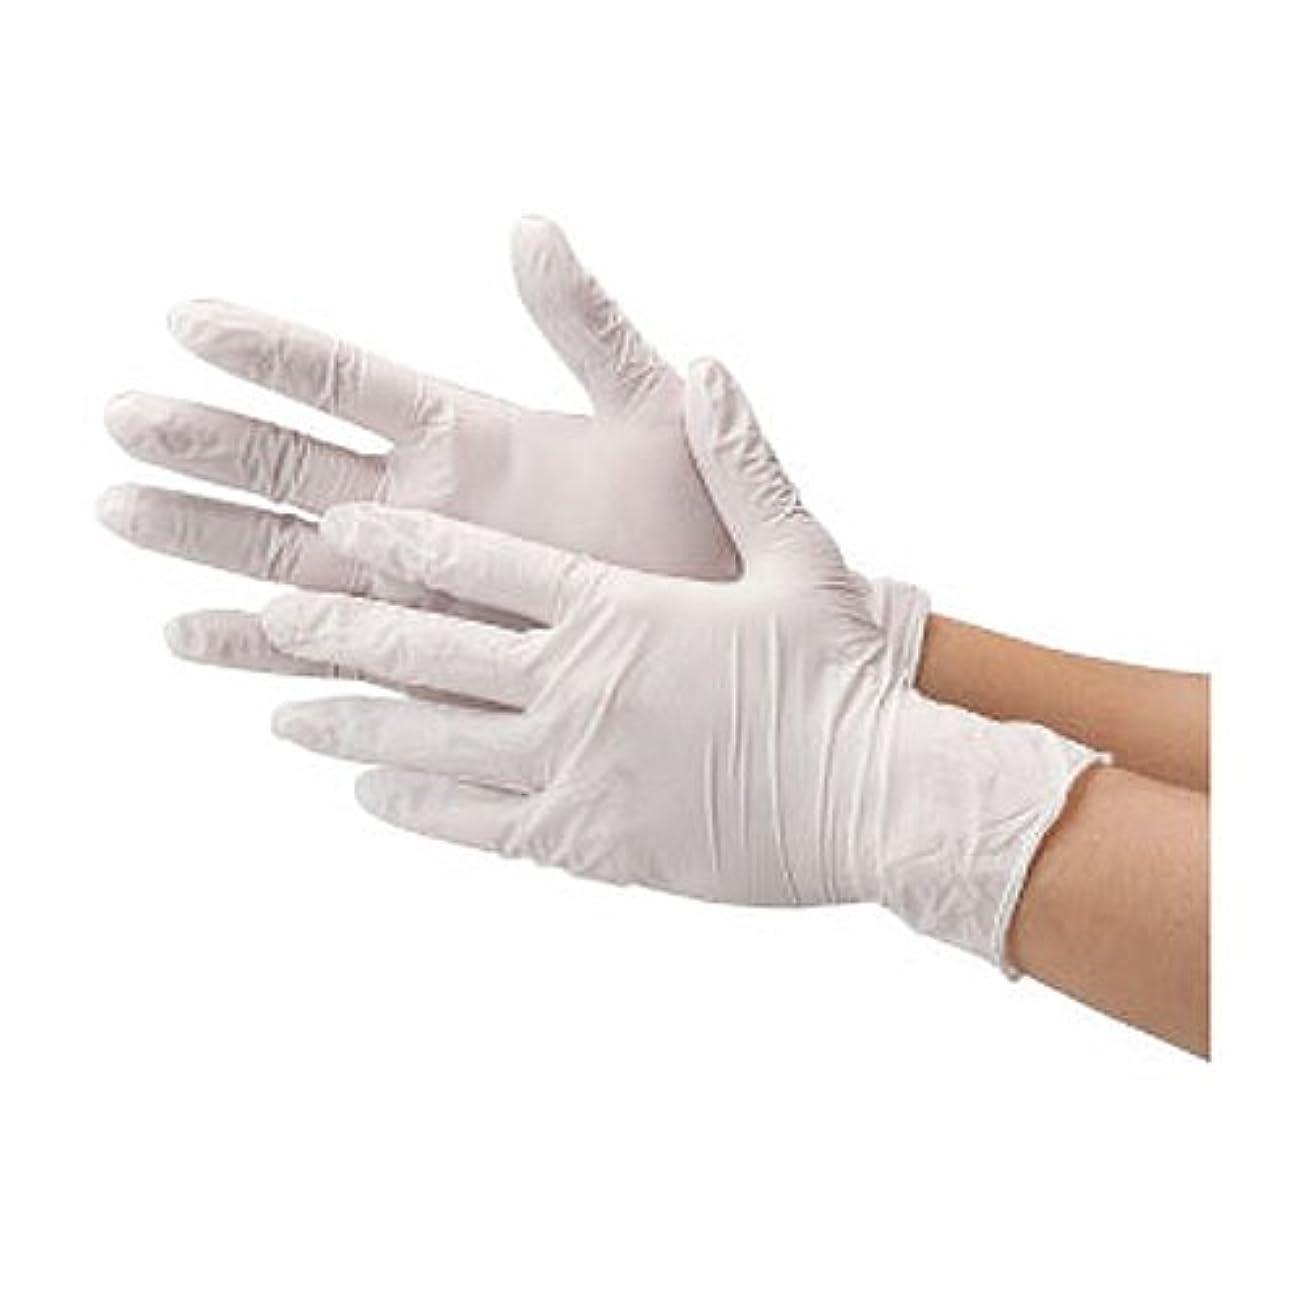 パット踏みつけ発掘川西工業 ニトリル 使いきり手袋 ストロング 粉無 100枚入り 2037 ホワイトS